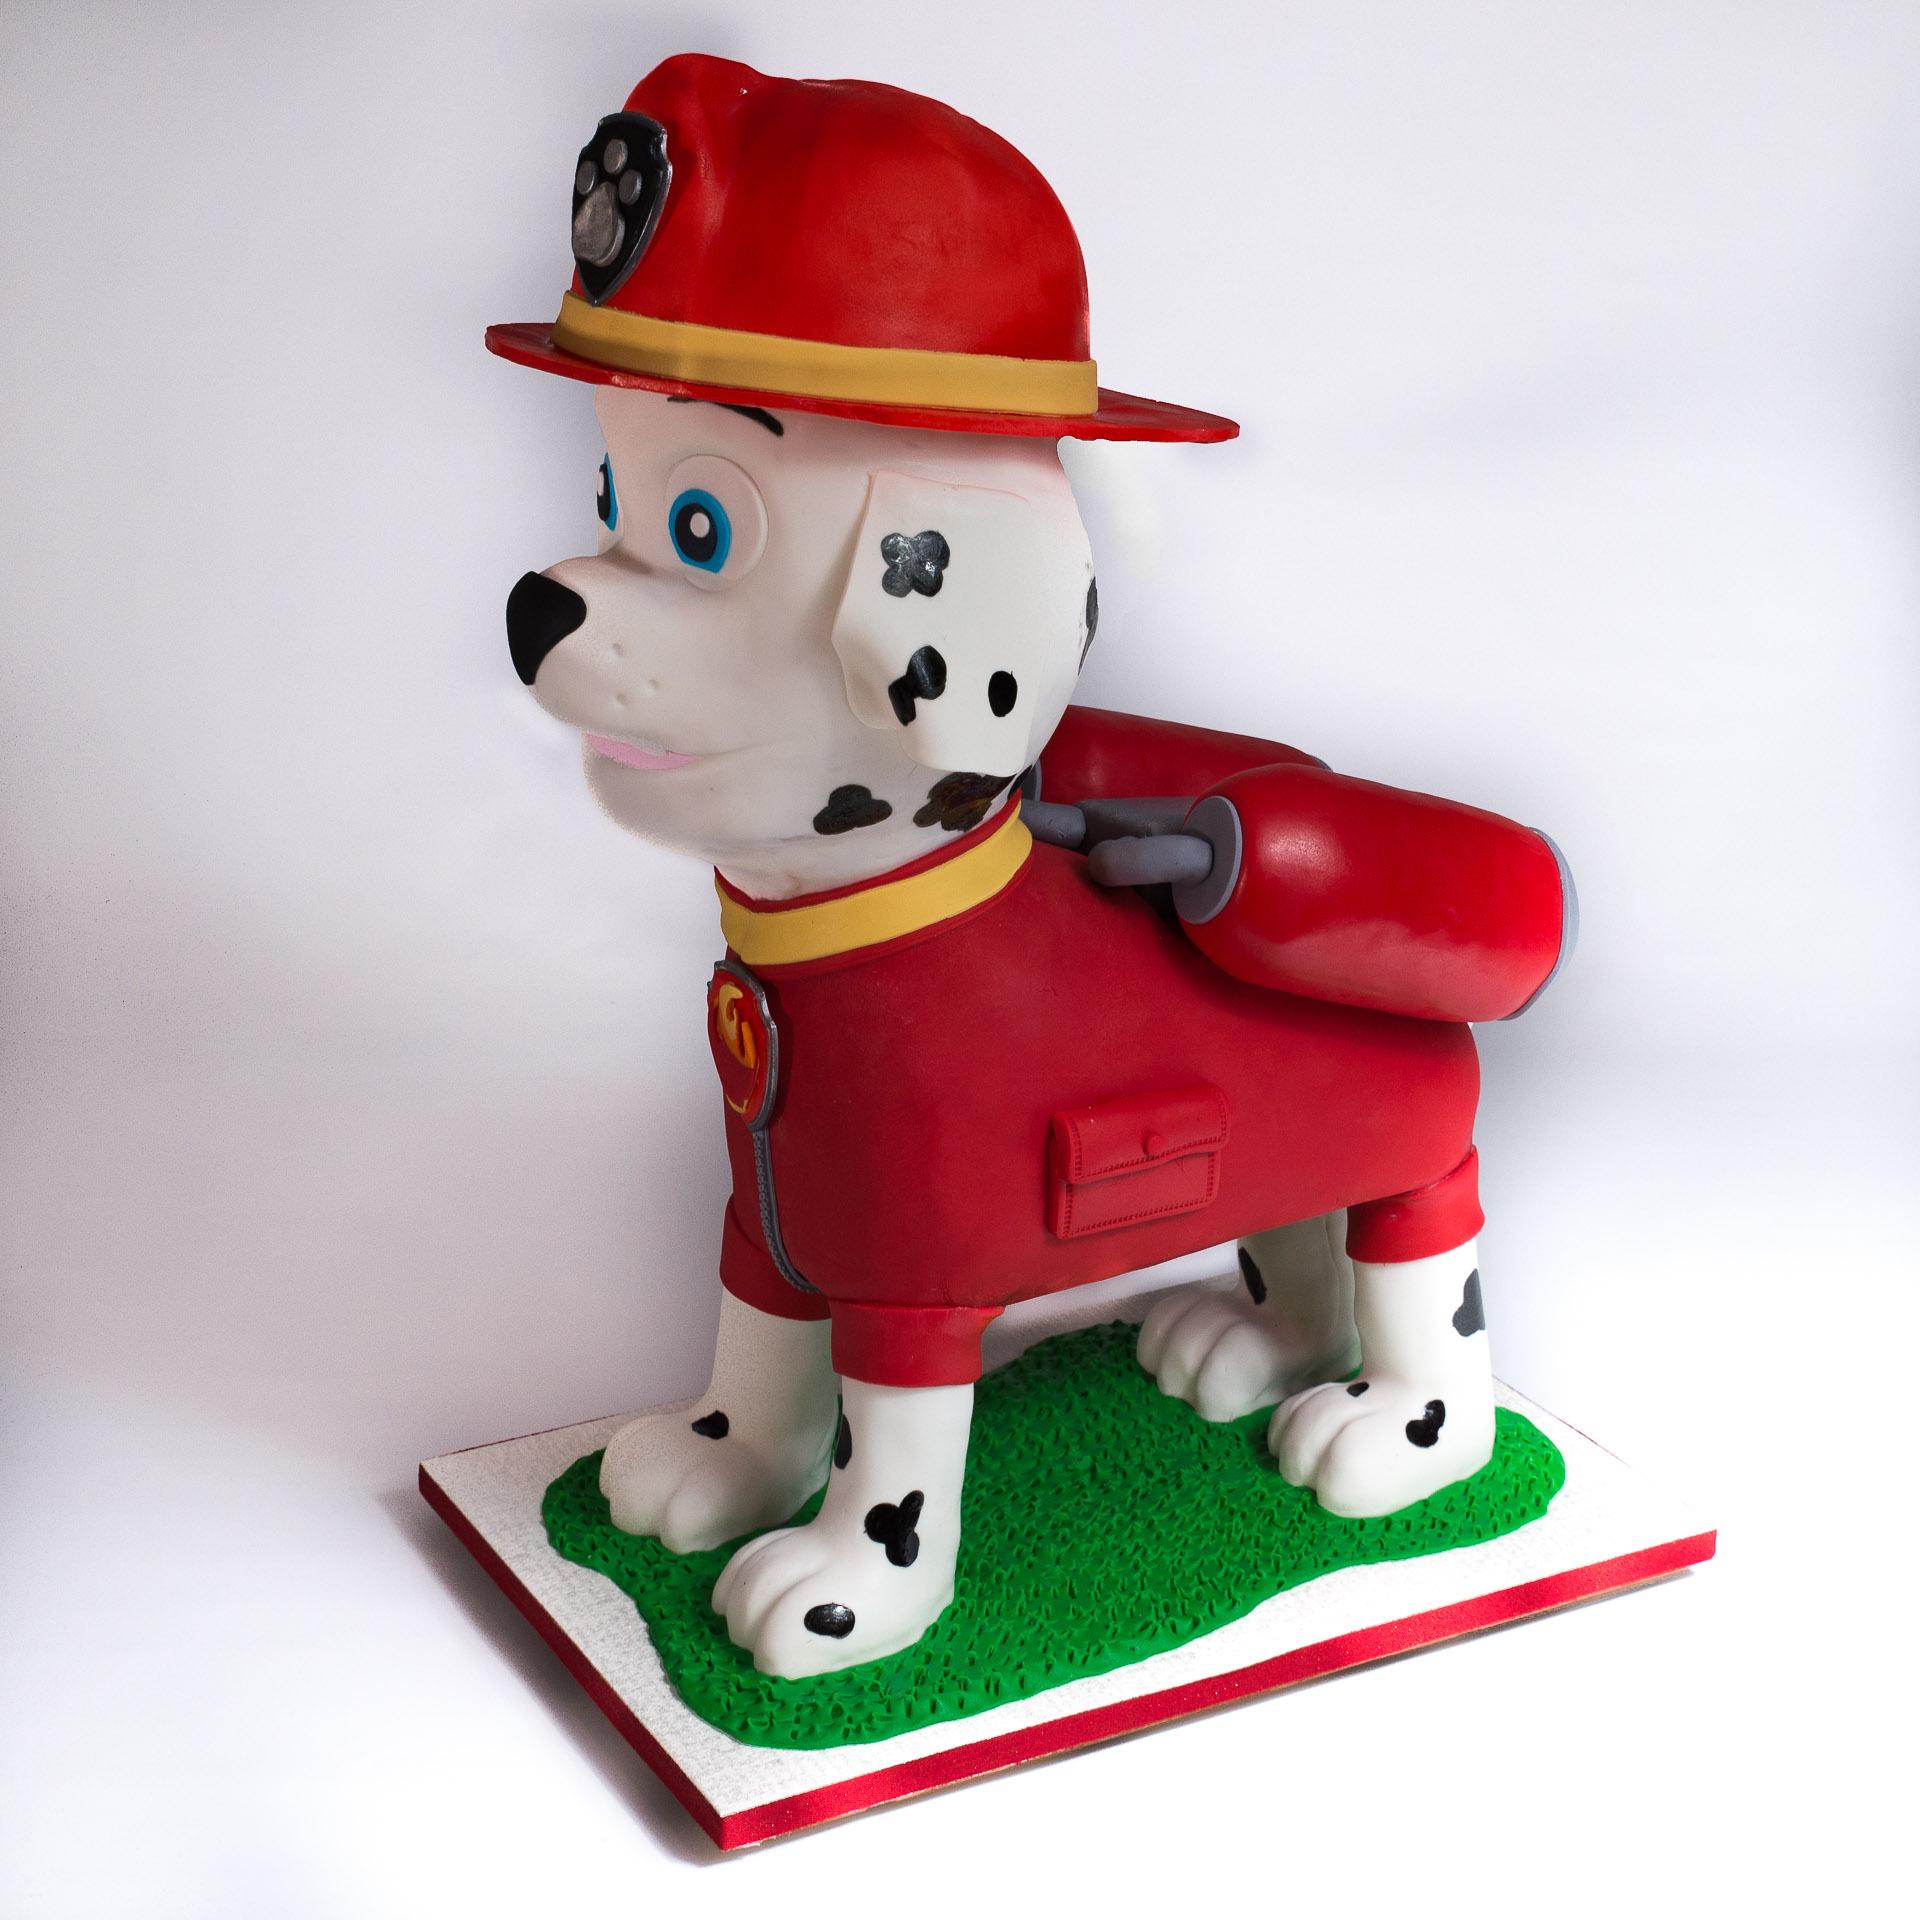 Paw-Patrol-Marshall-Birthday-Cake.jpg